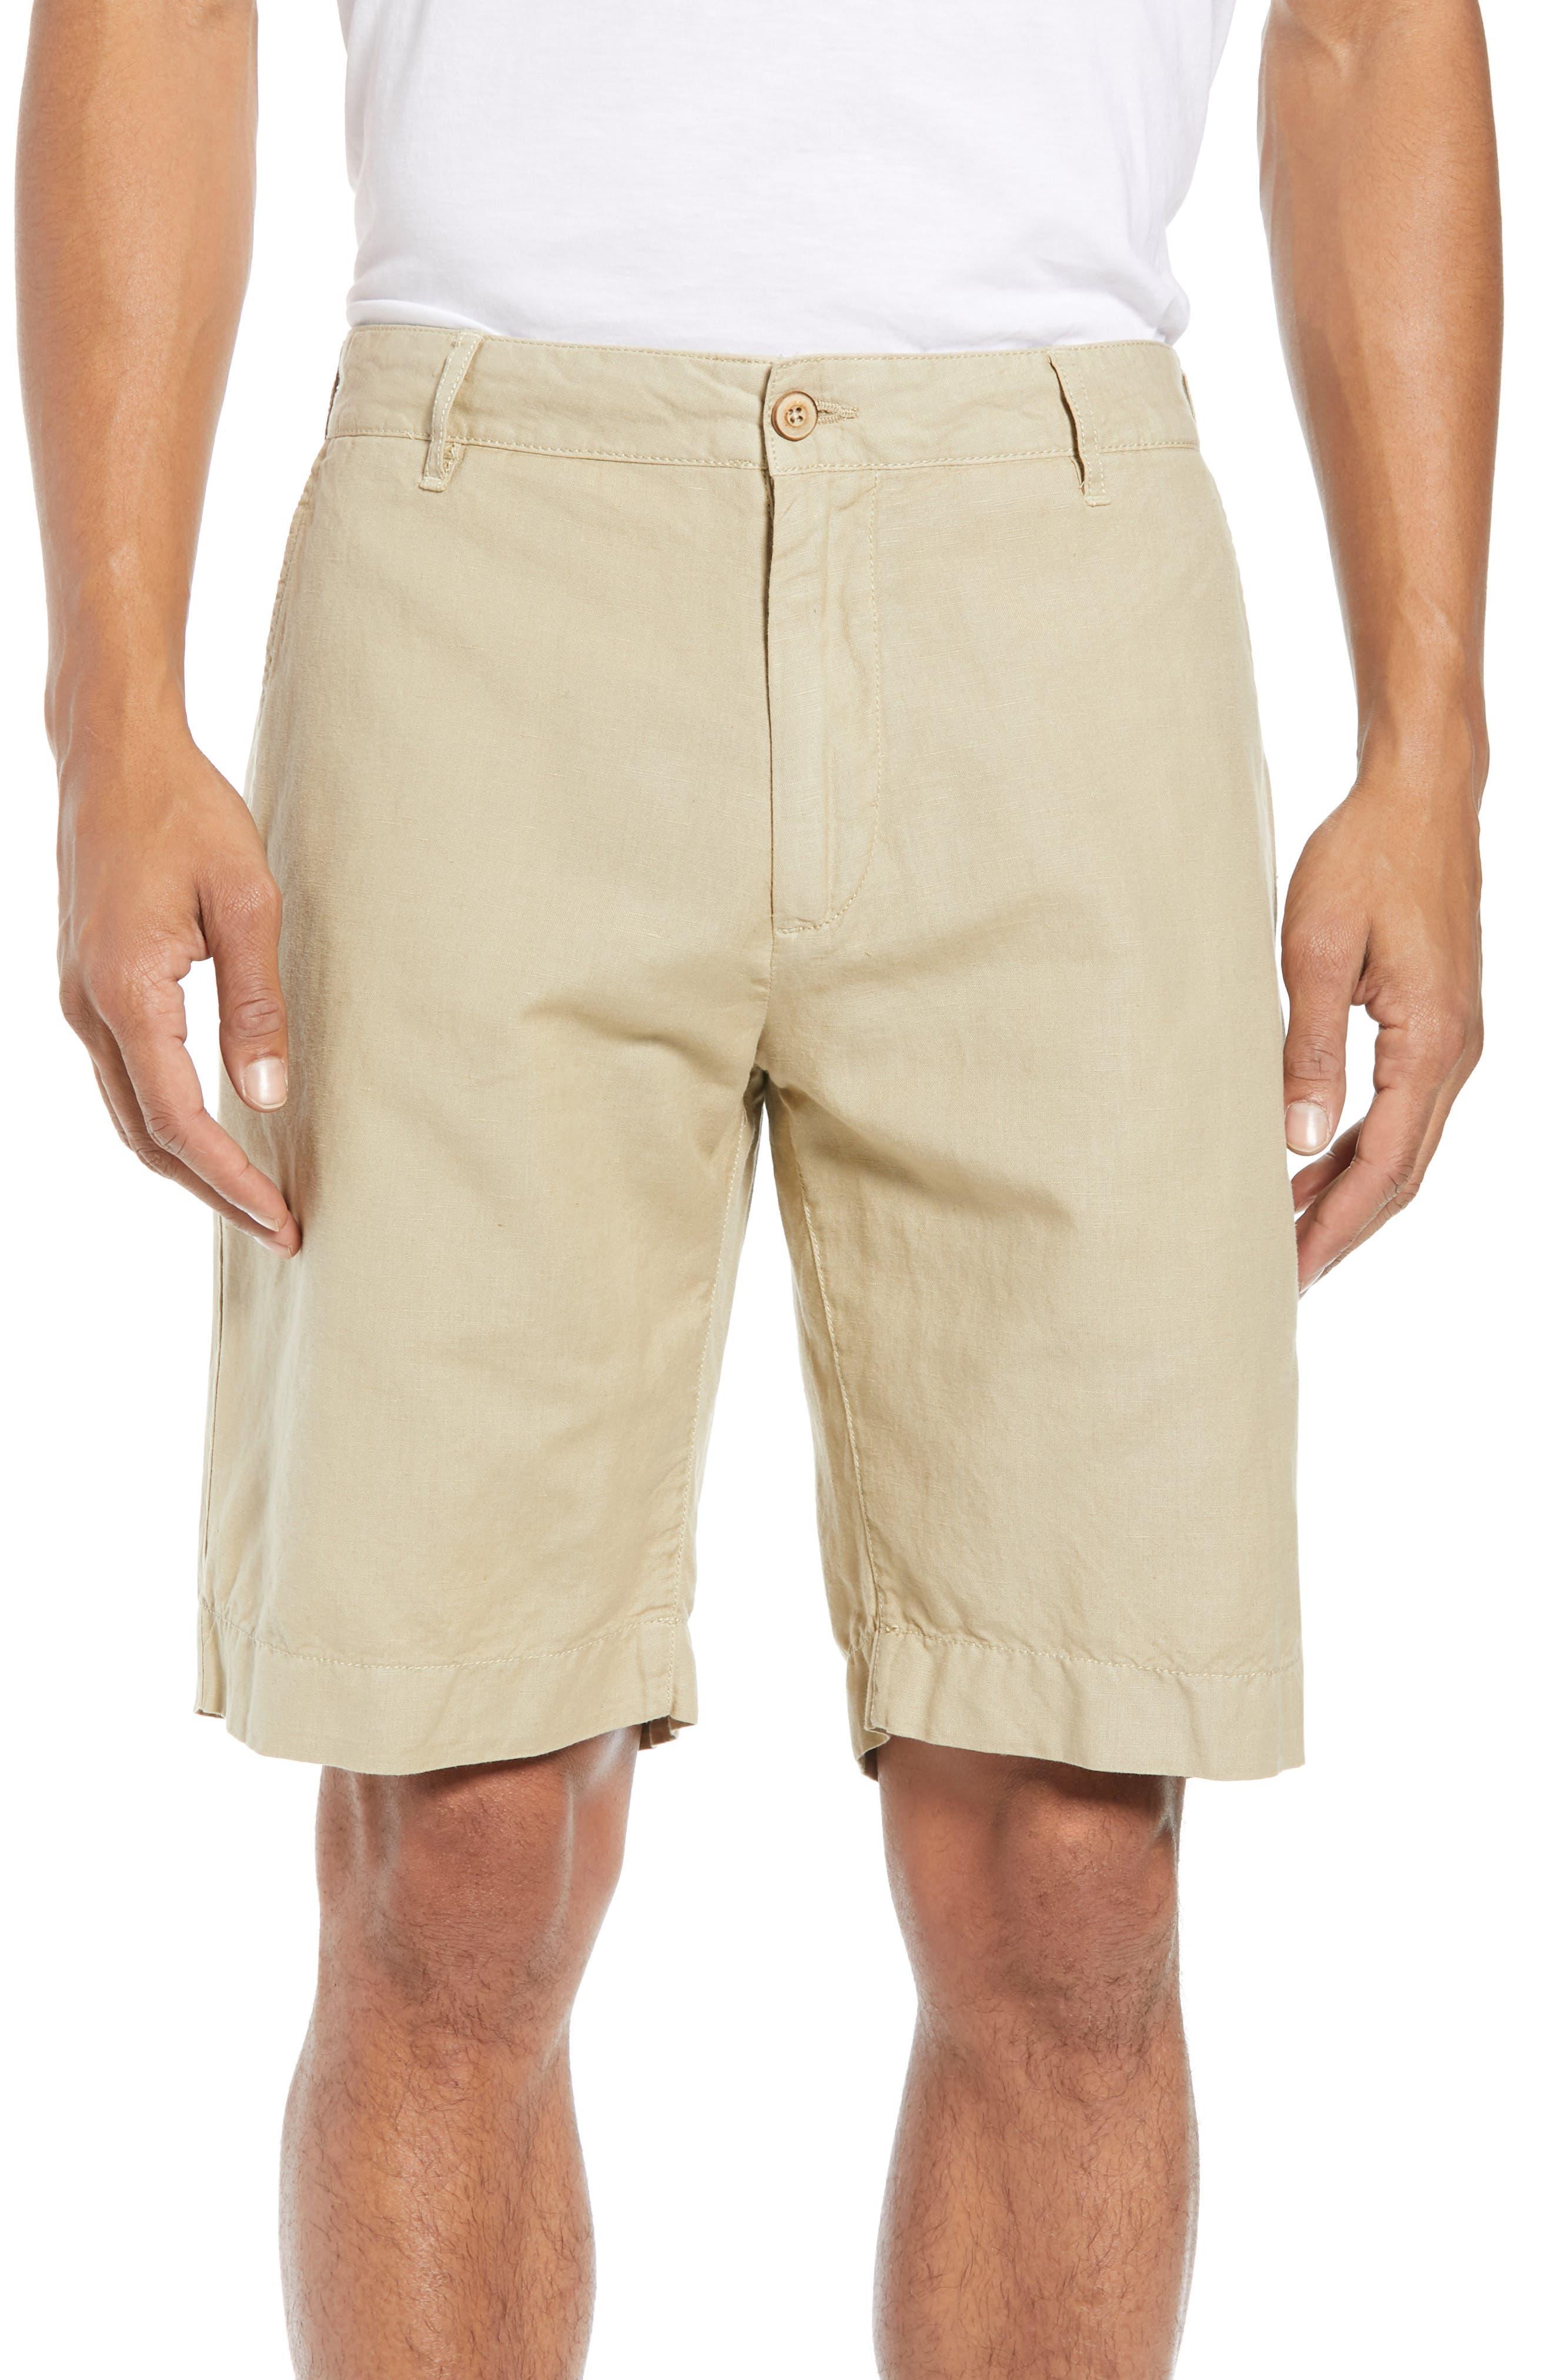 Malibu Shorts,                             Main thumbnail 1, color,                             KHAKI